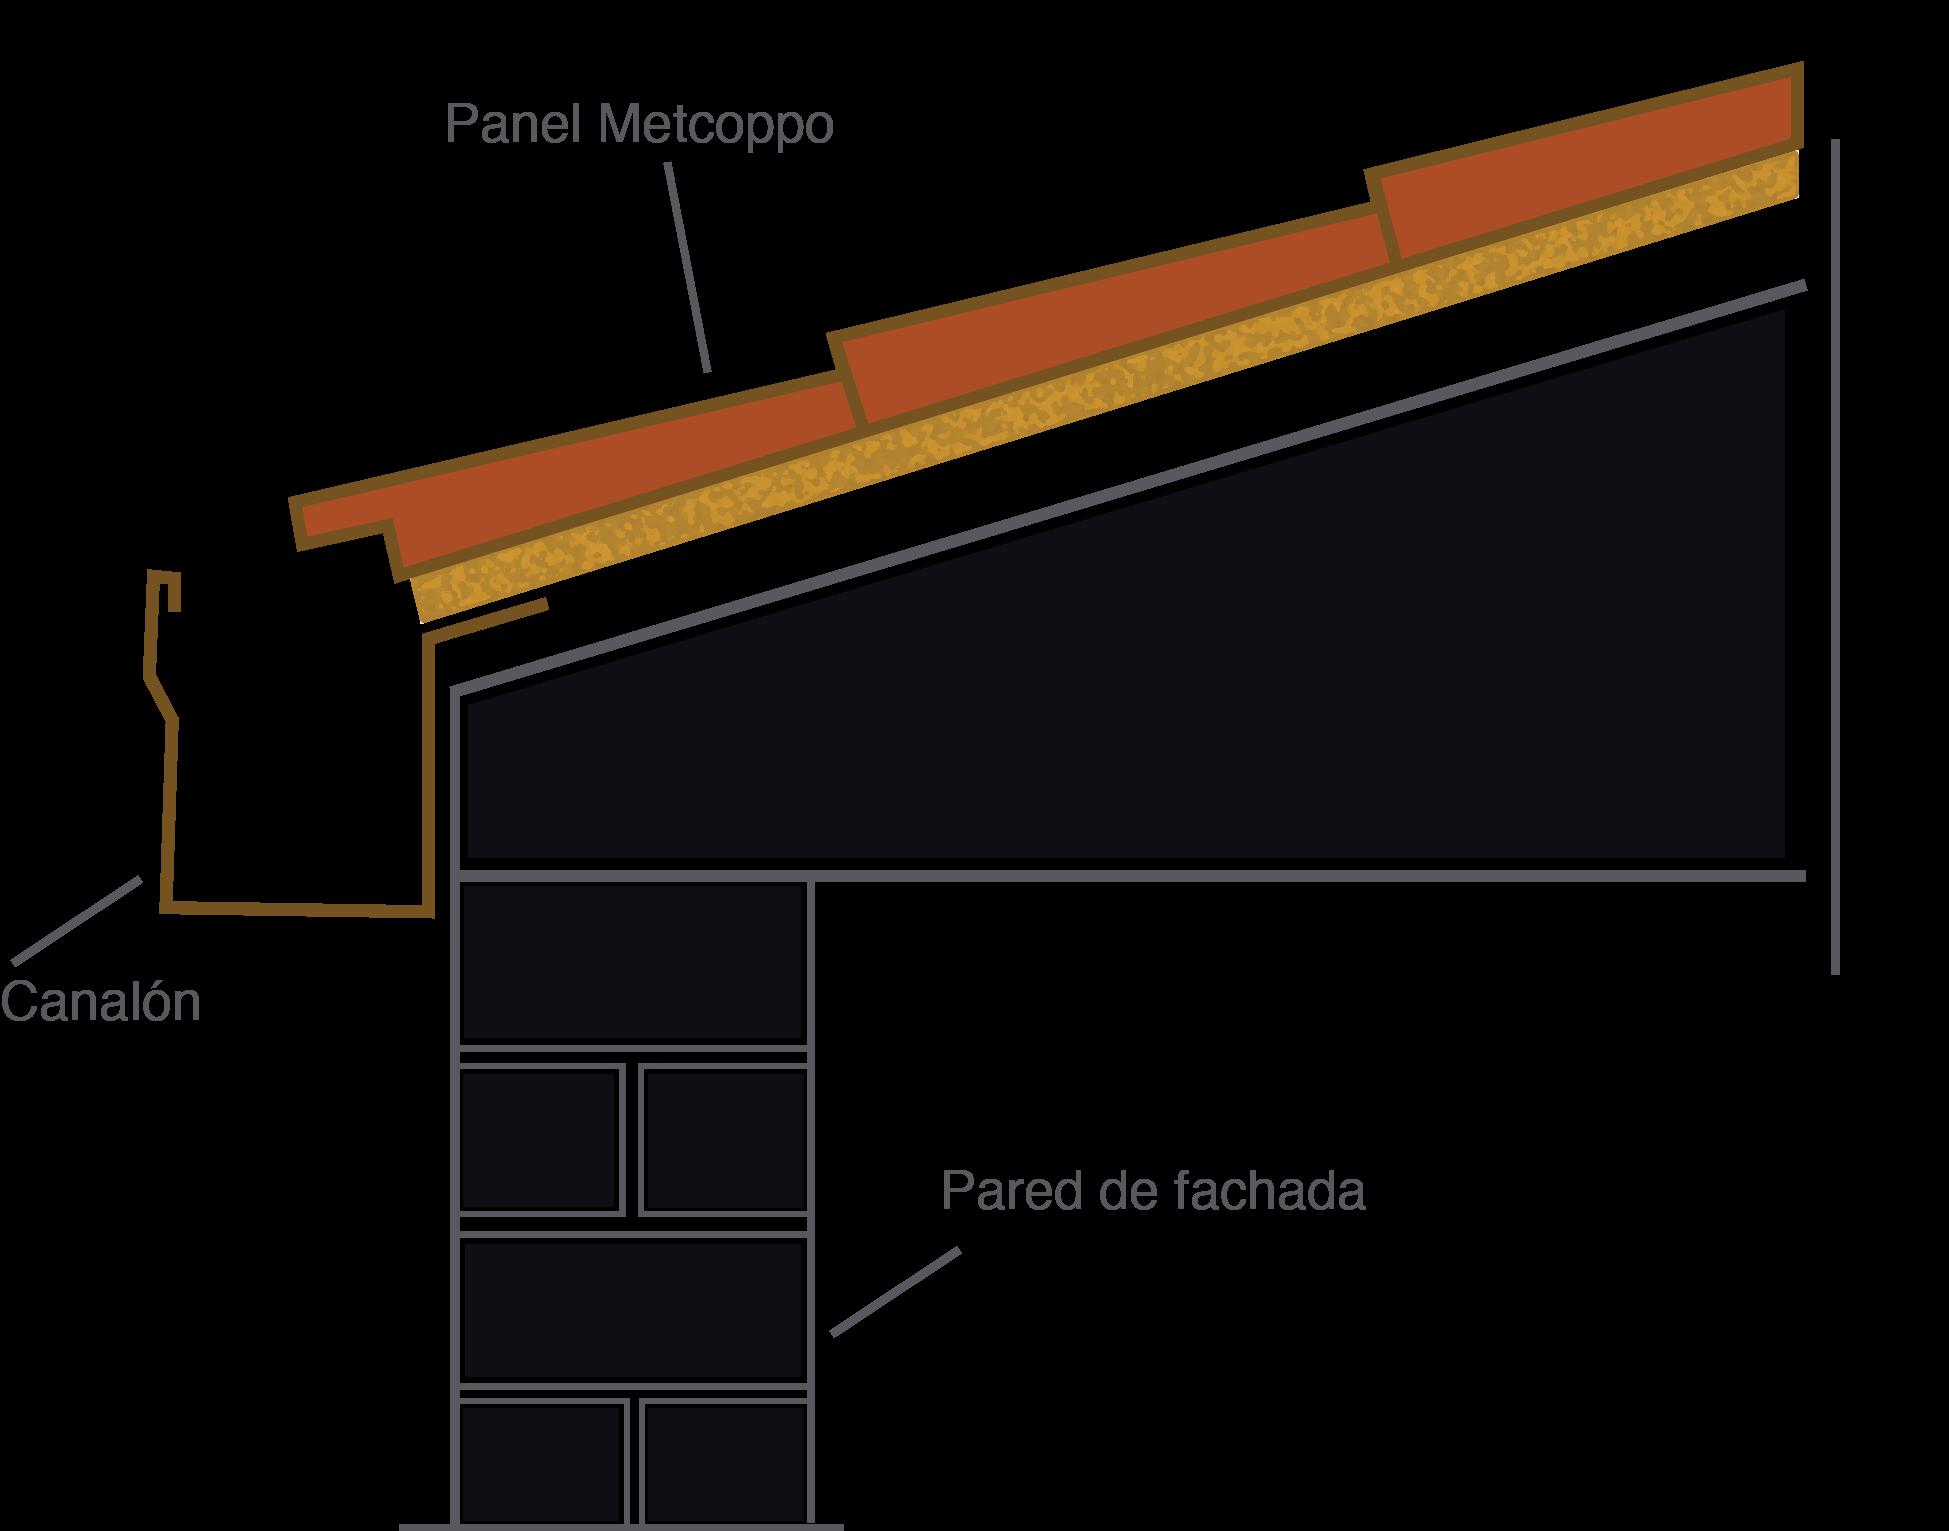 Aplicación de canalón en Metcoppo